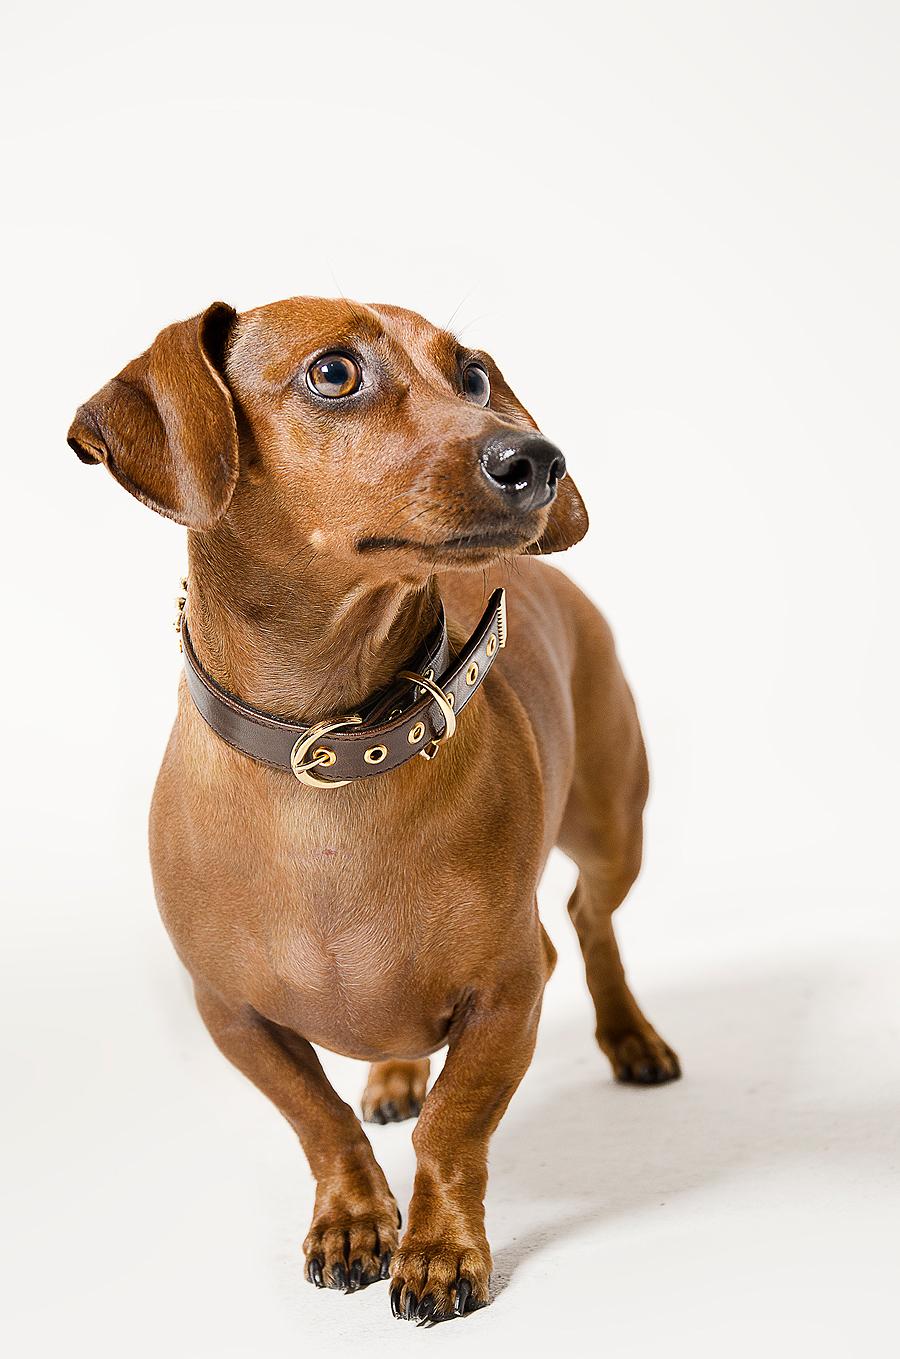 cão em quadrinhos sanremo dog photography  pet photography Product Photography pets